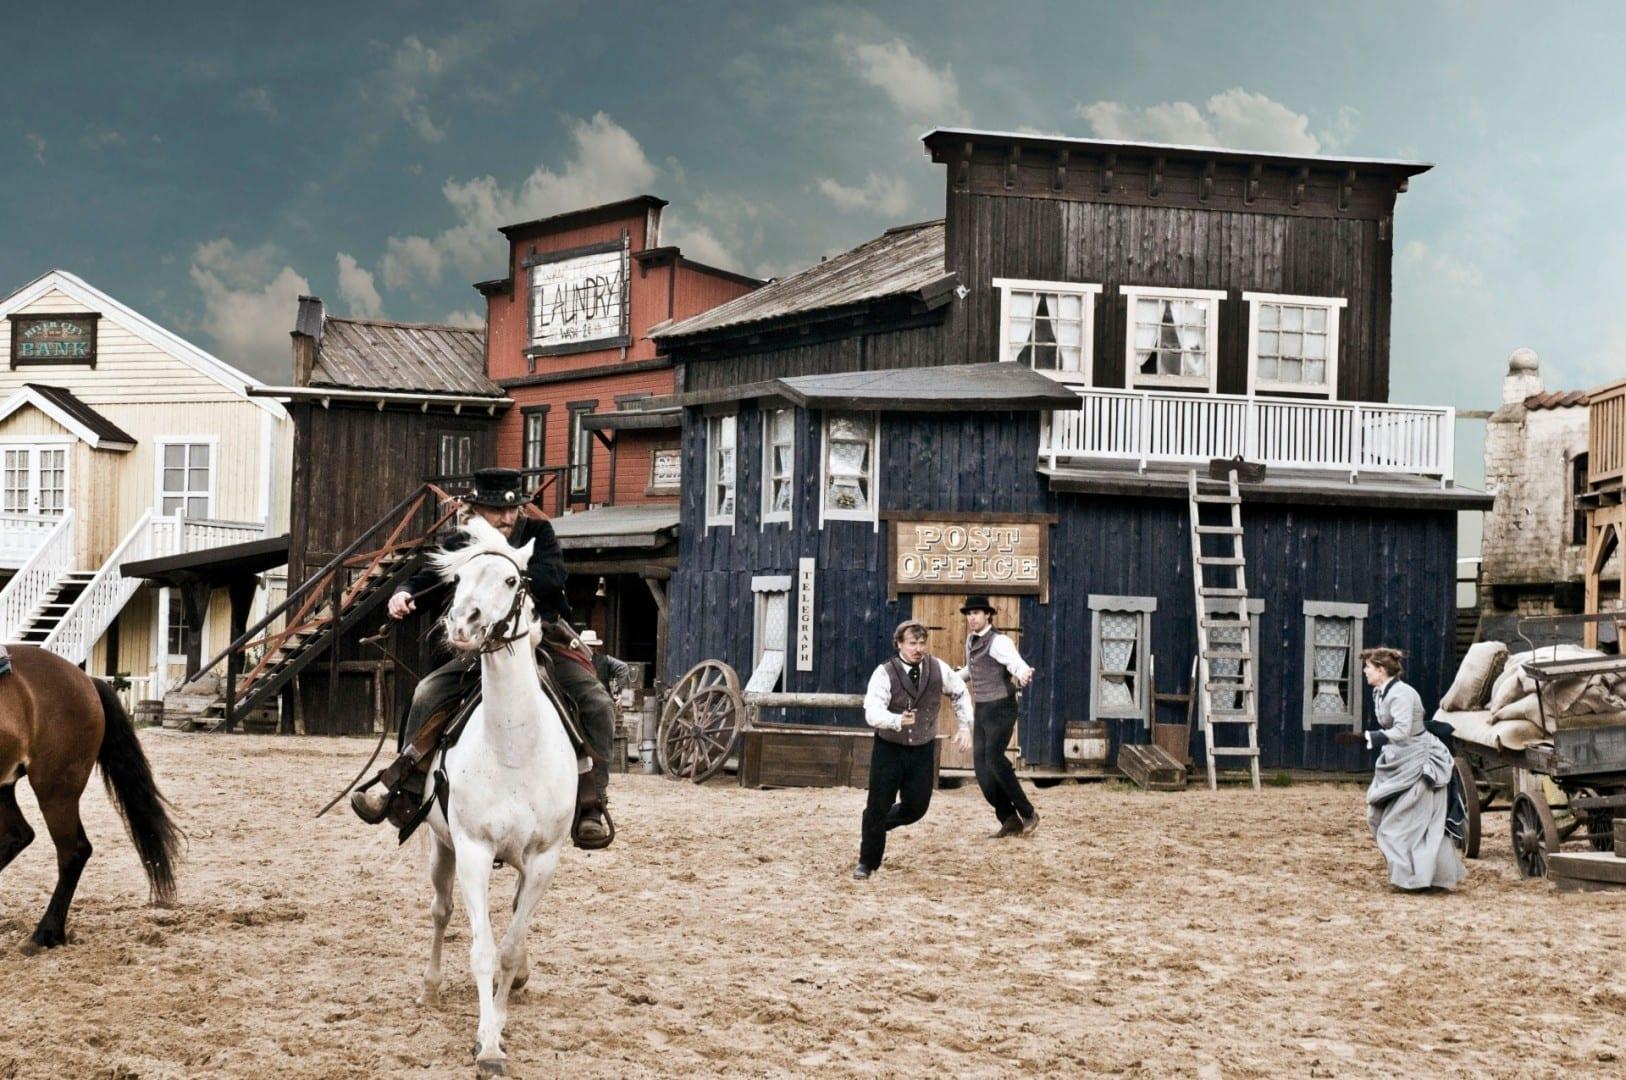 Espectáculo del Alto Chaparral del Salvaje Oeste Varnamo Suecia